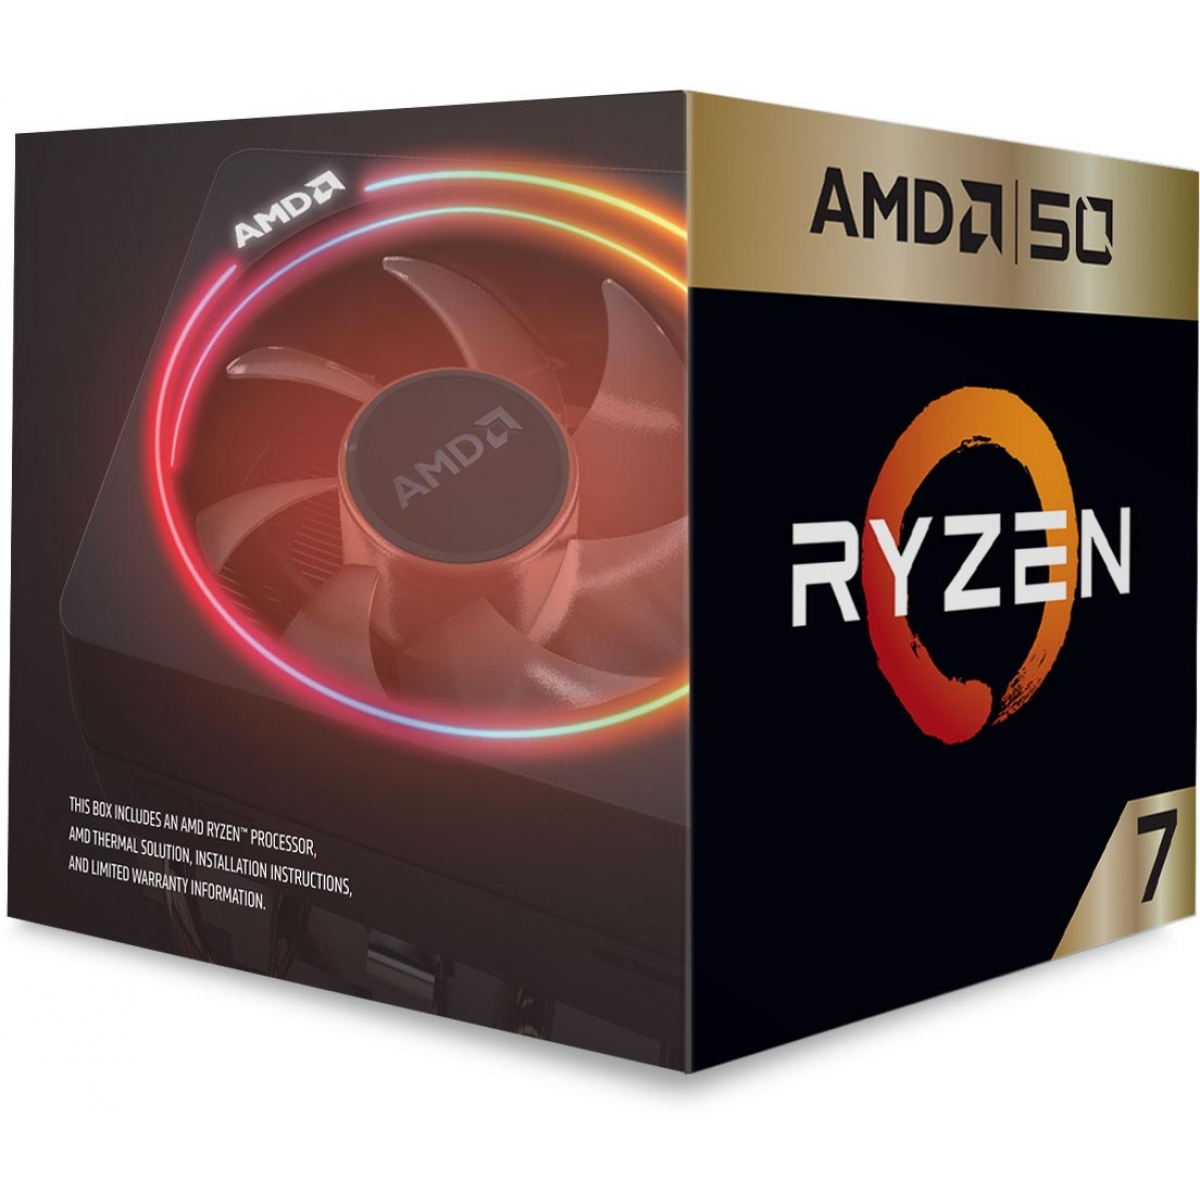 Processador AMD Ryzen 7 2700X Gold Edition 3.7GHz (4.3GHz Turbo), 8-Core 16-Thread, Cooler Wraith Prism RGB, AM4, YD270XBGAFA50